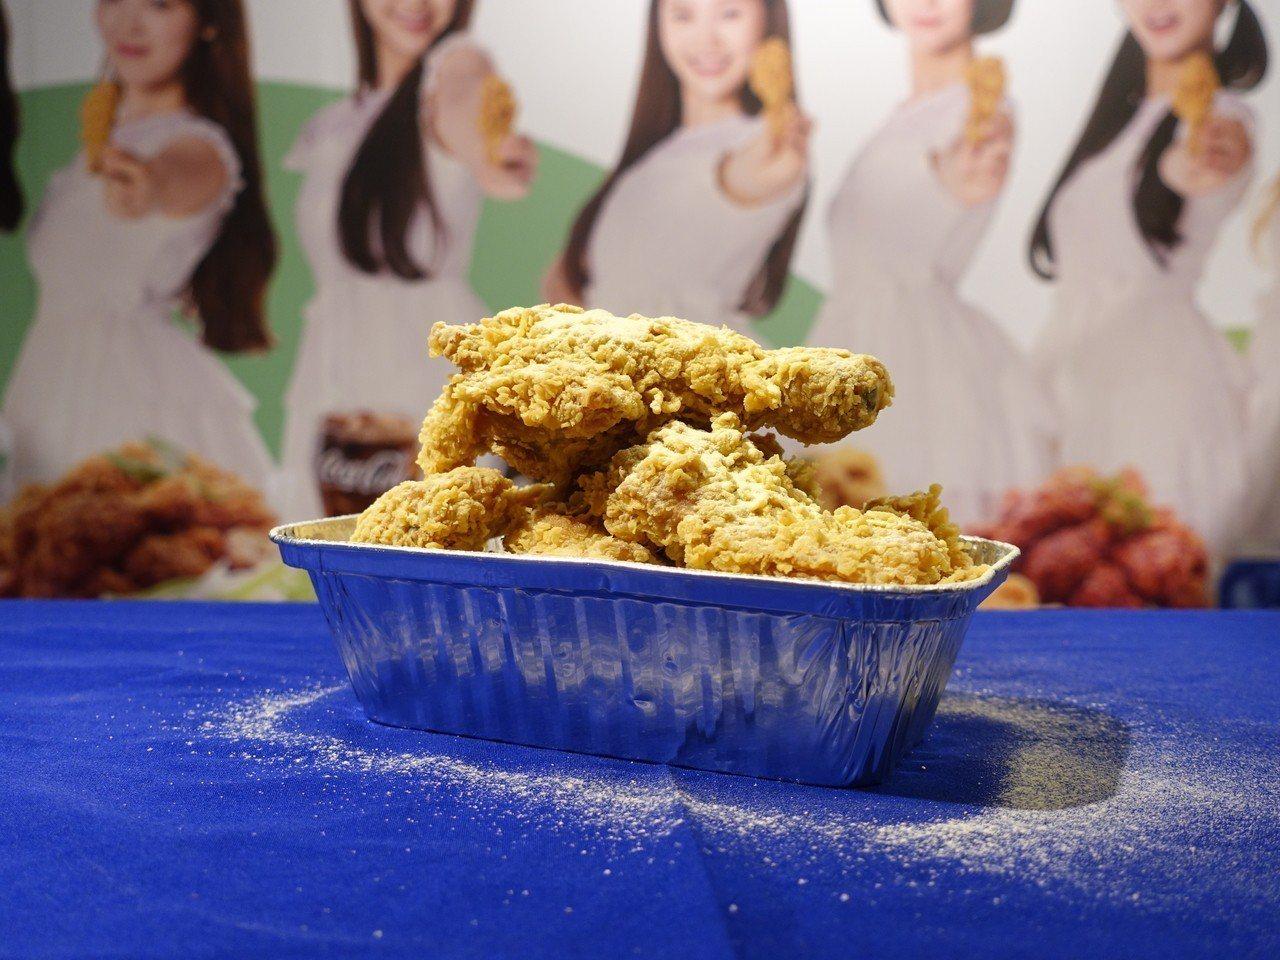 韓國NeNe Chicken撒上起司粉的招牌口味「初雪炸雞」。記者張芳瑜/攝影